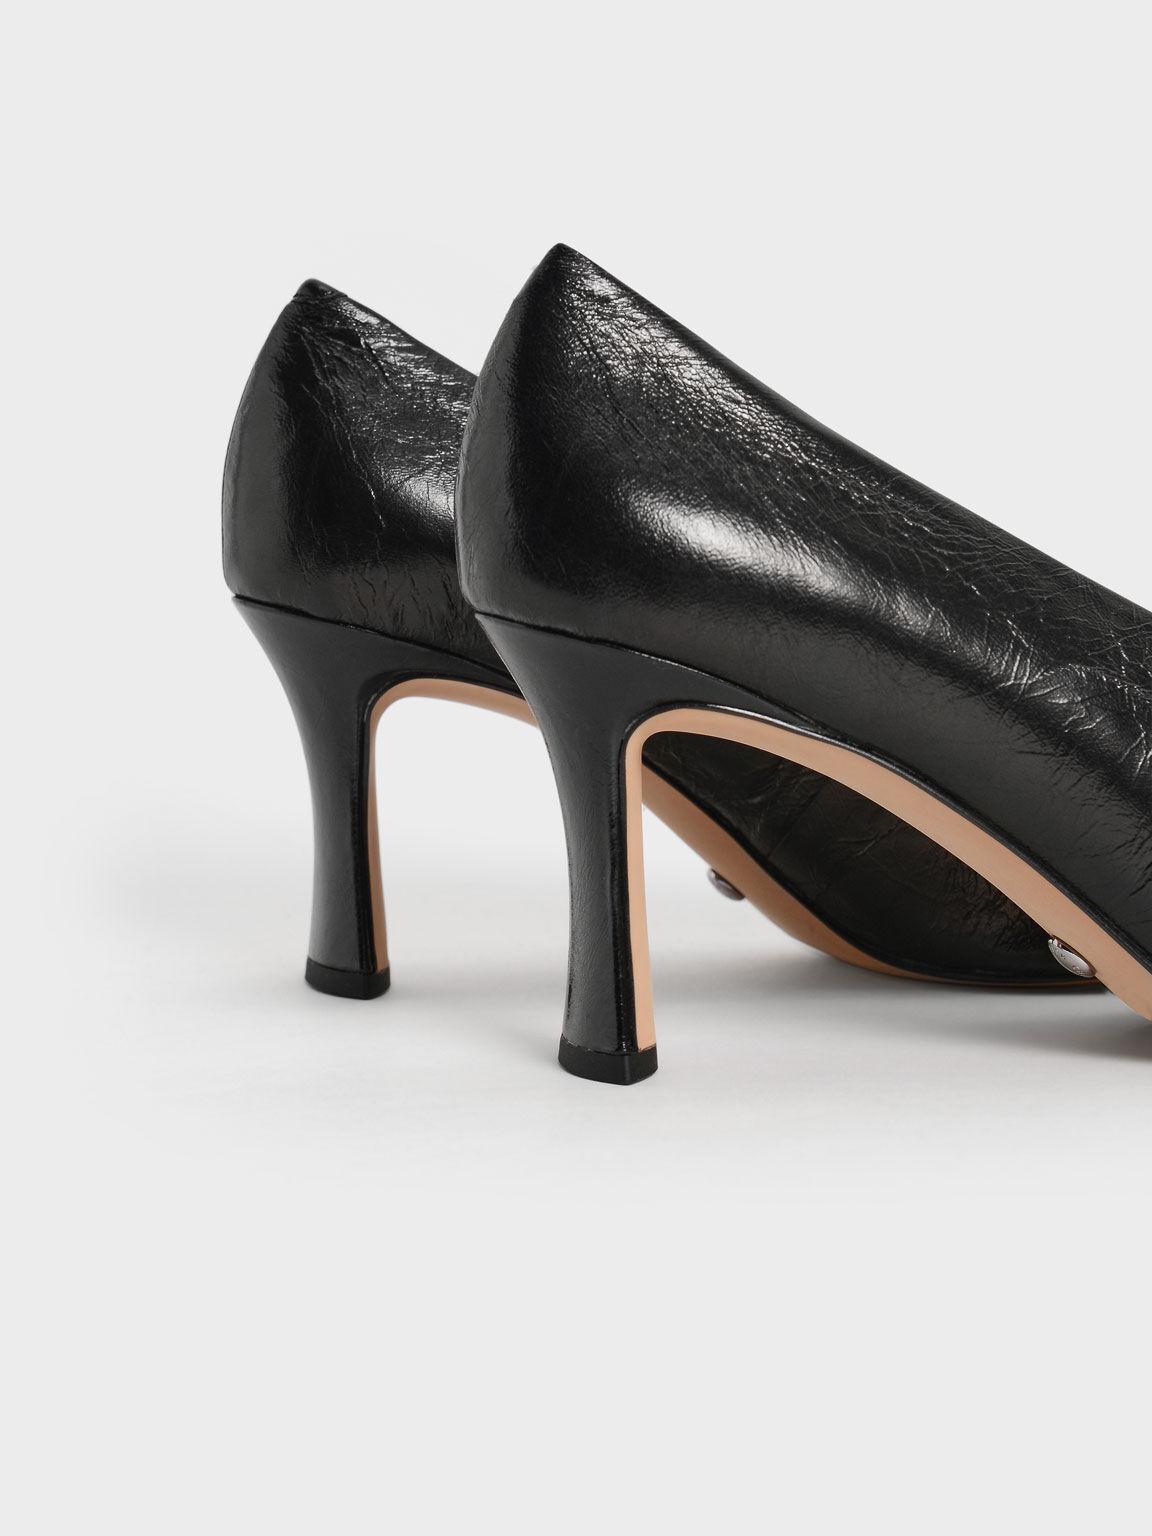 Gem-Embellished Leather Pumps, Black, hi-res